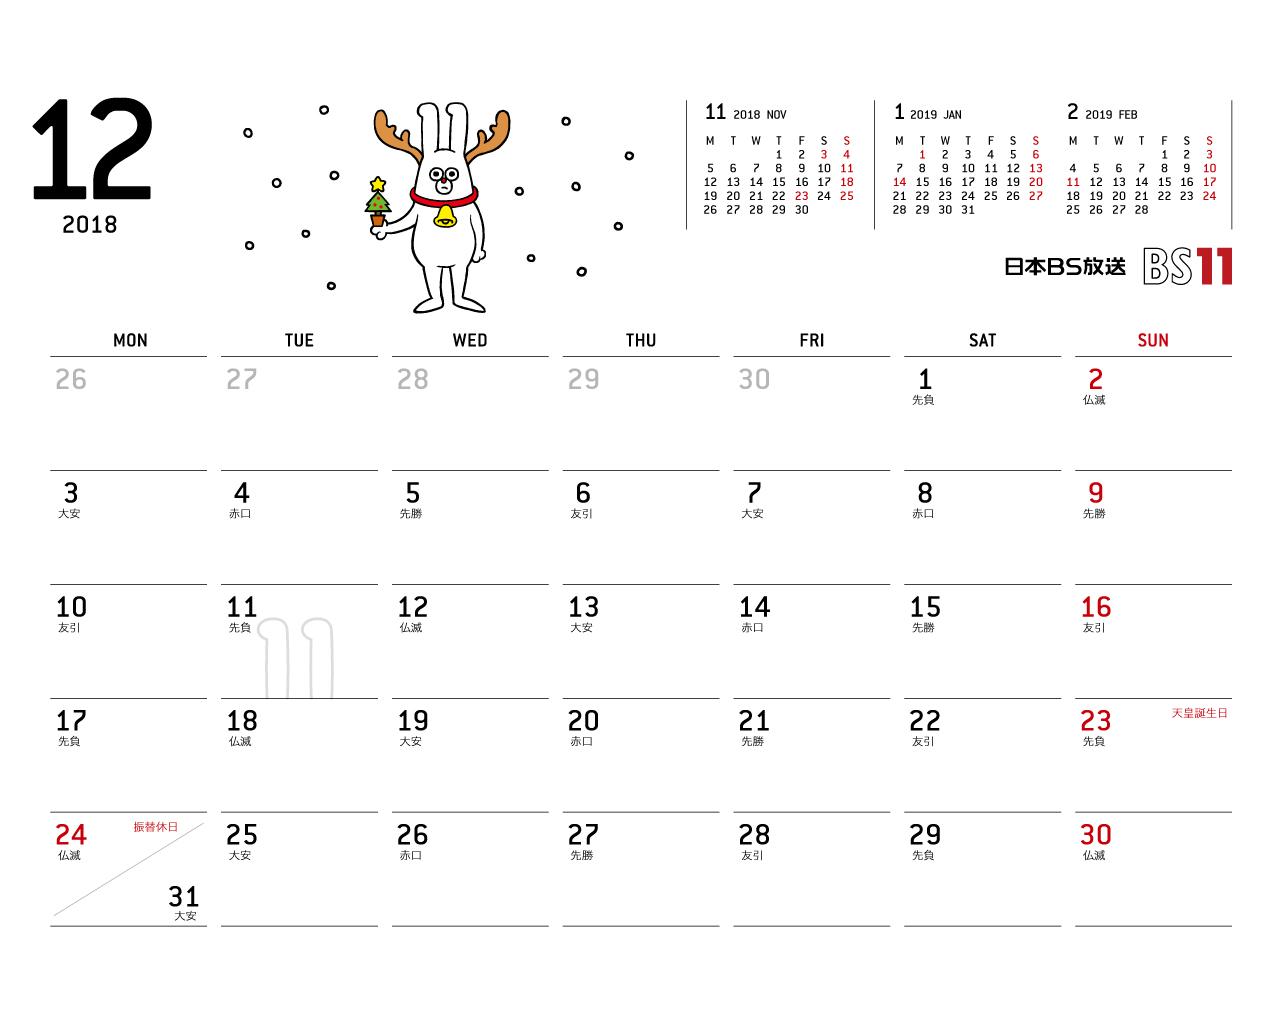 じゅういっちゃんのデジタルカレンダー2018 | BS11(イレブン